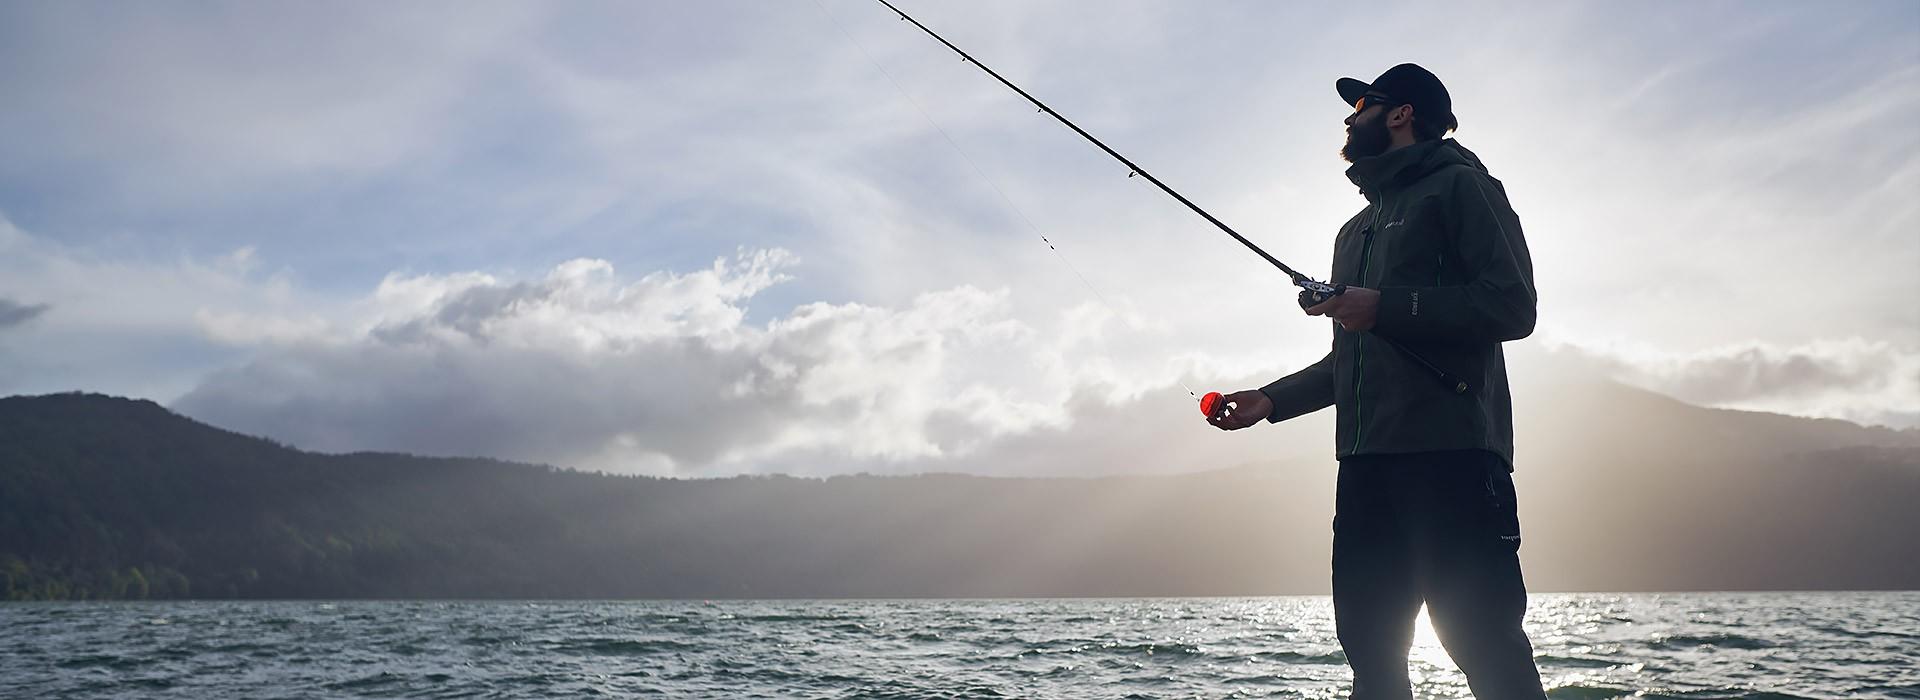 Des sondeurs de pêche sans fil polyvalents qui vous permettront de repérer les poissons